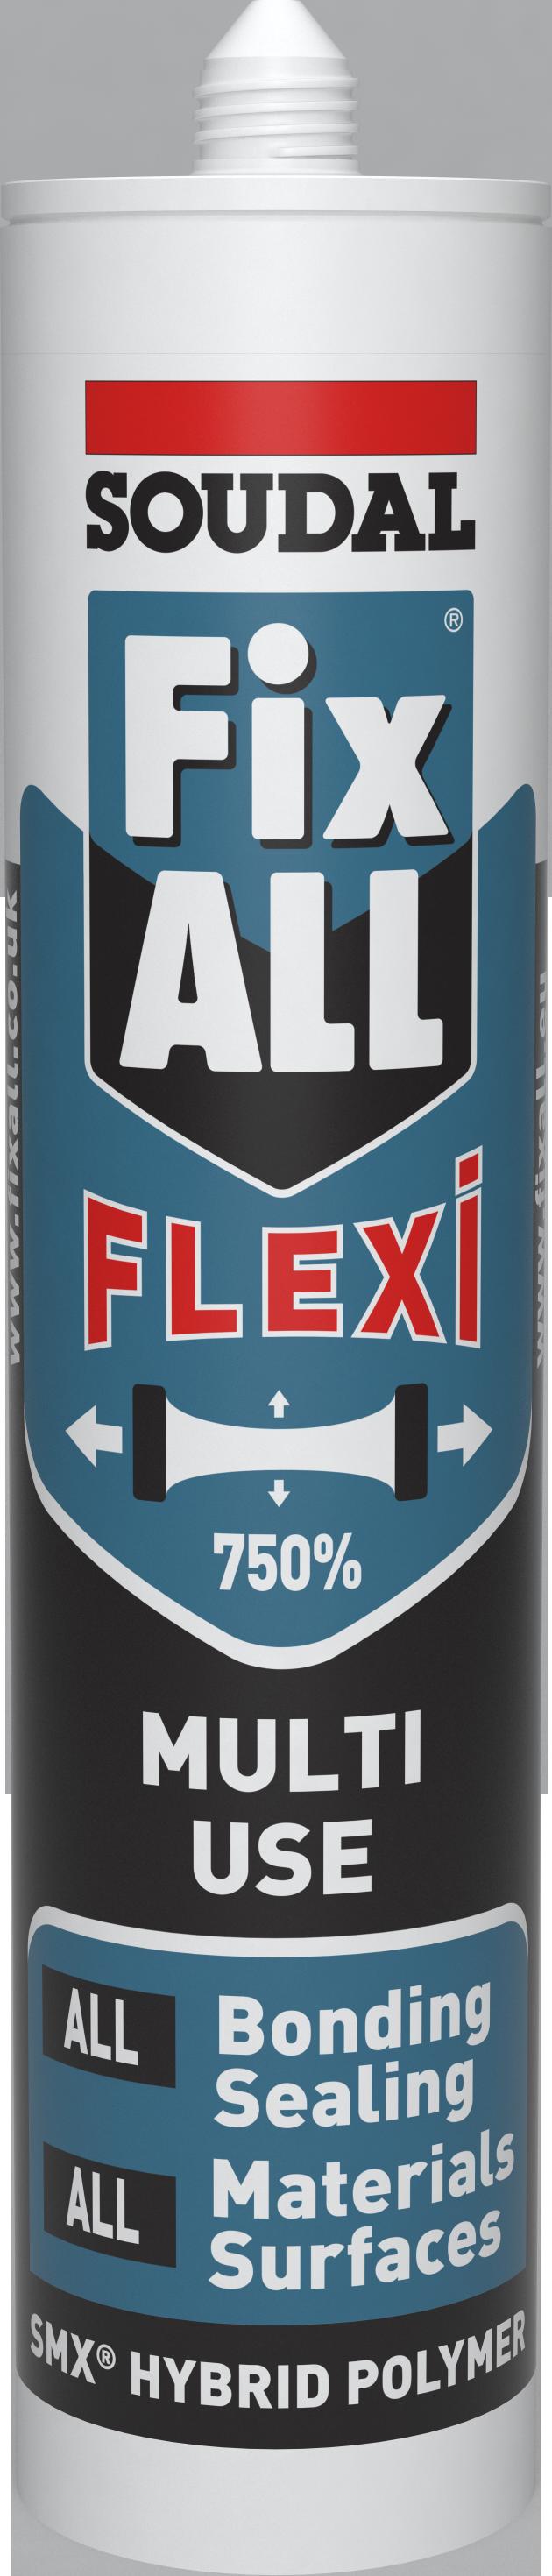 Fix ALL FLEXI